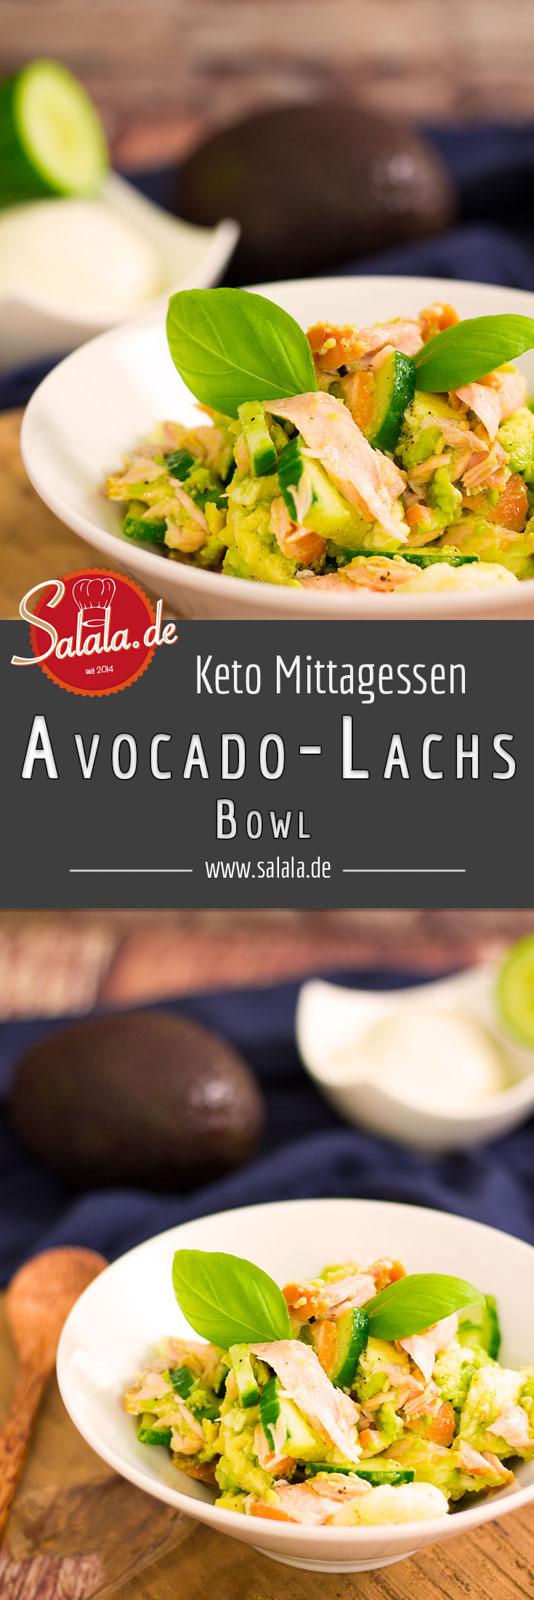 Avocado-Lachs Bowl - by salala.de - schnelles Keto Mittagessen Rezept #keto #mittagessen #avocado #lowcarb #ketorezept